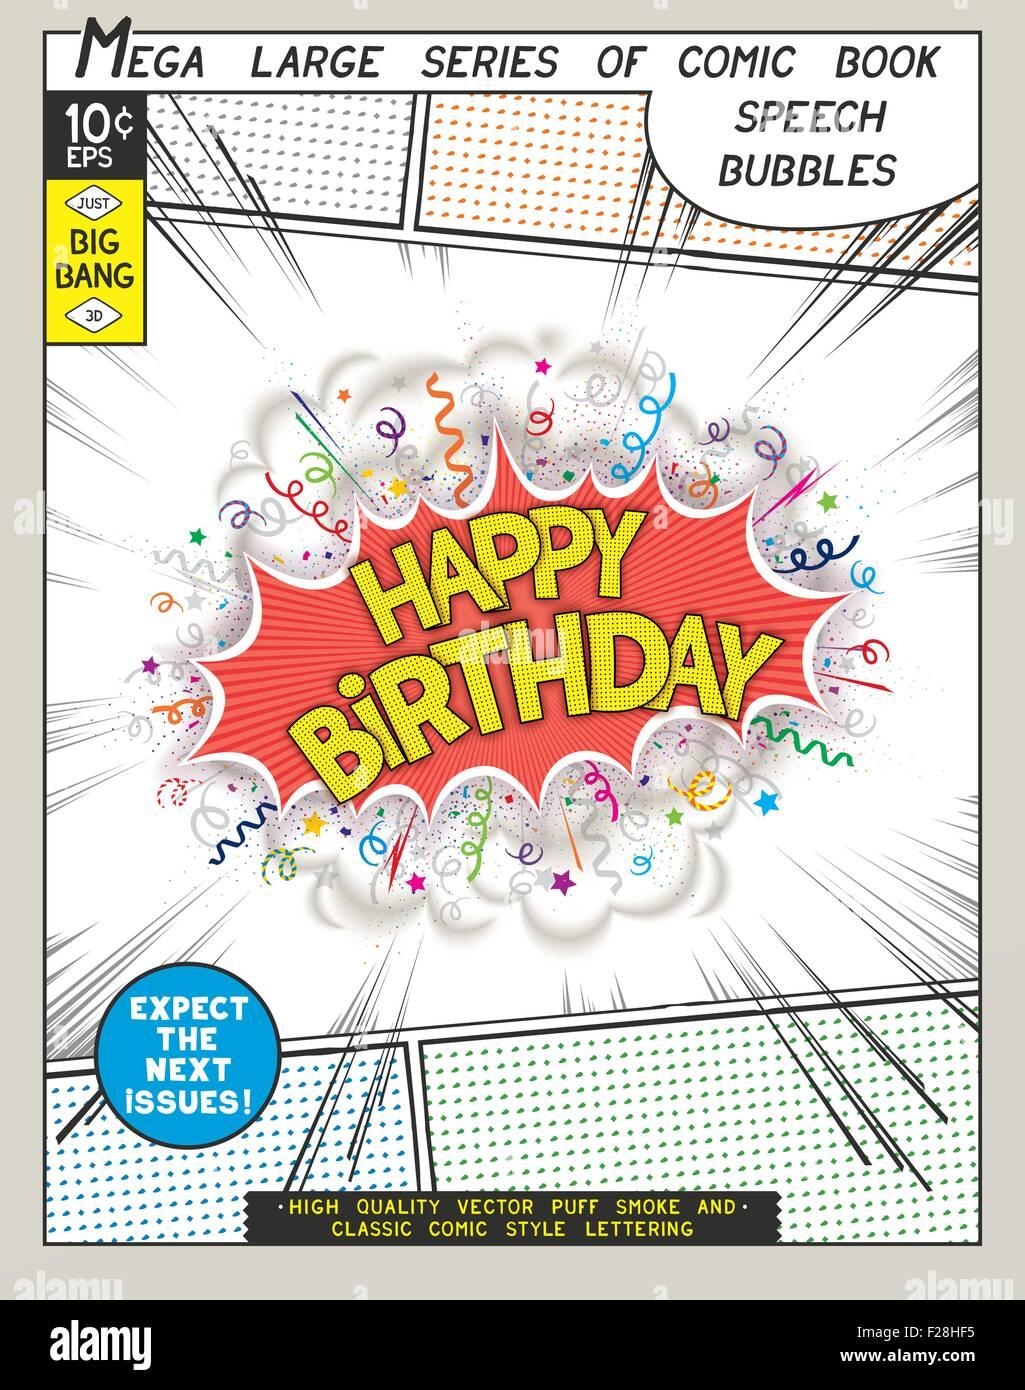 Joyeux Anniversaire Explosion Dans Le Style Comique Avec Lettrage Et Realiste De Bouffees De Fumee 3d De Vecteur Speech Bubble Pop Art Image Vectorielle Stock Alamy